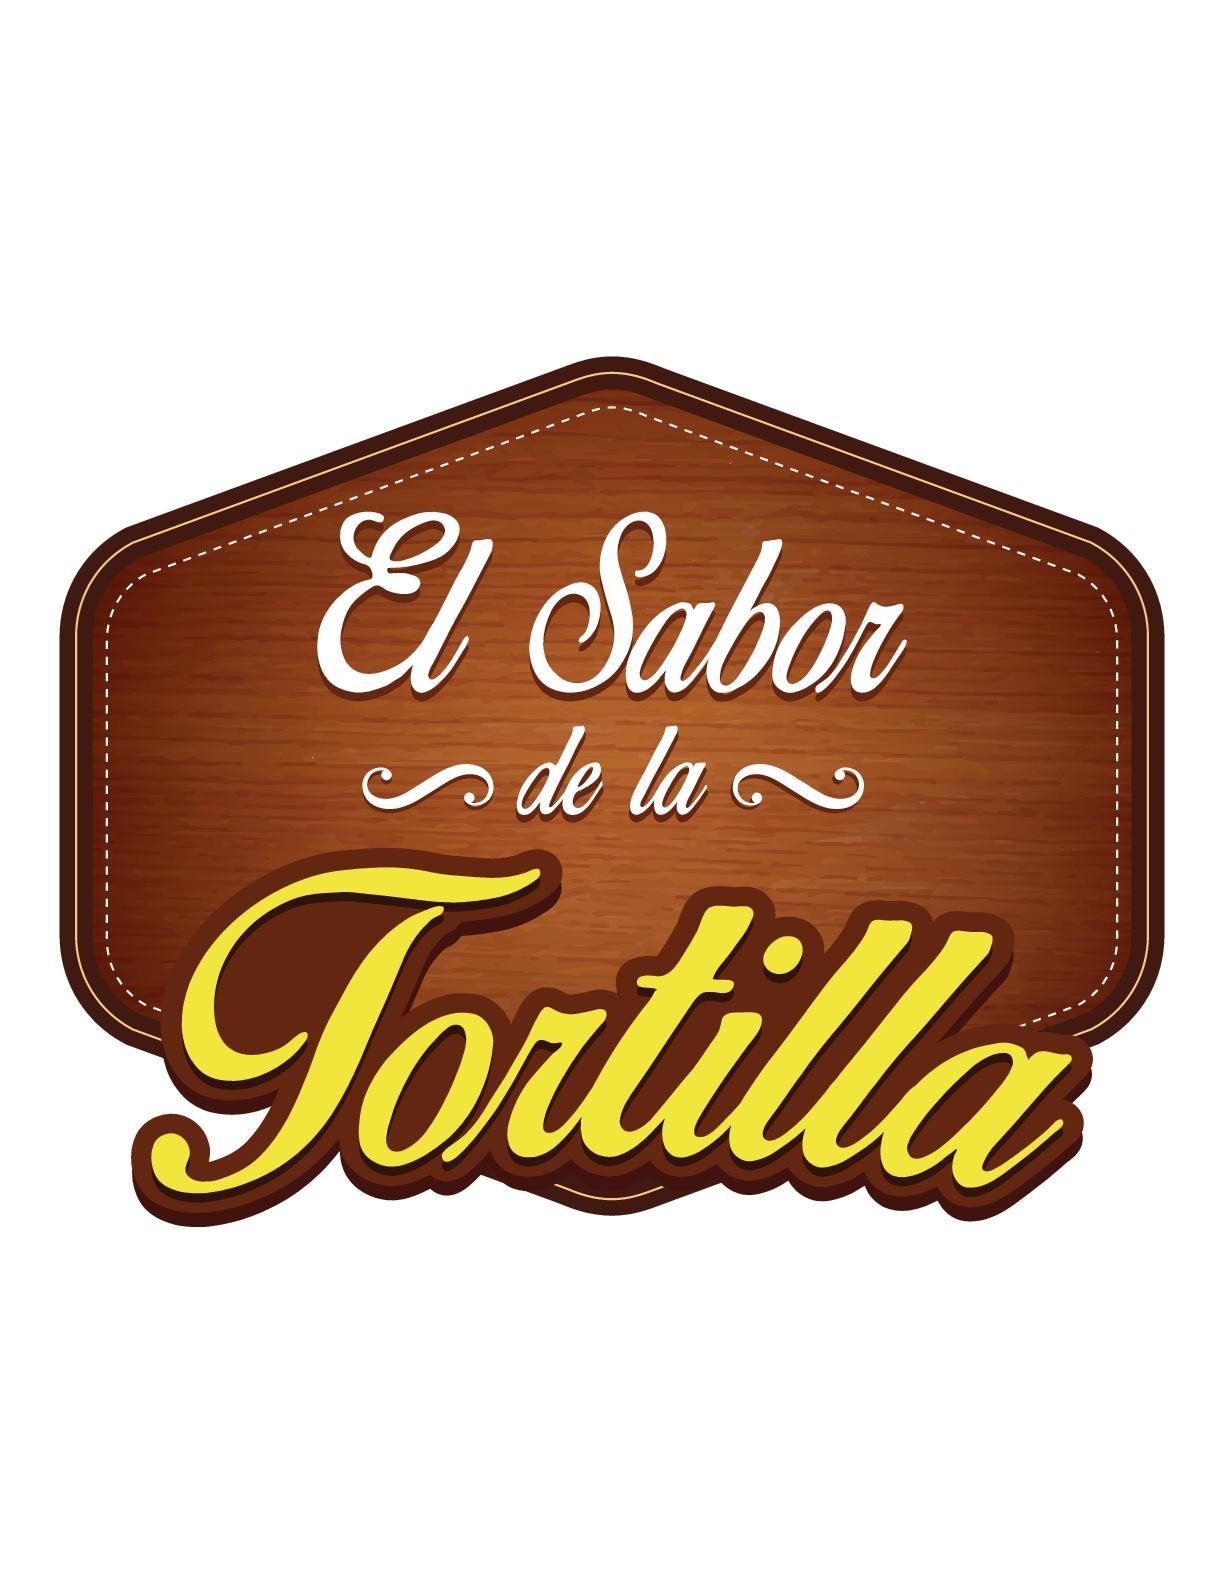 El Sabor de la Tortilla logo